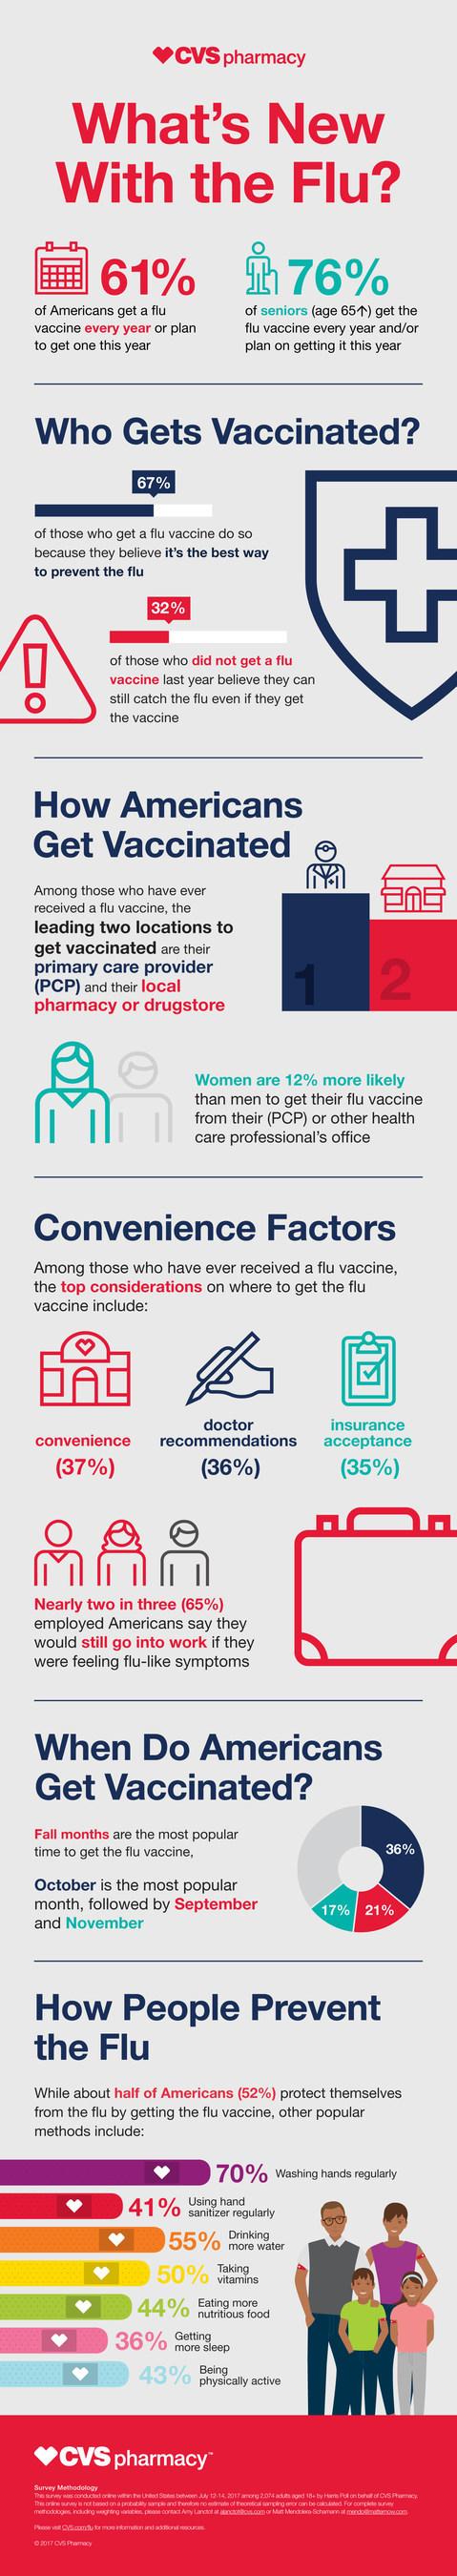 2017 CVS Pharmacy Flu Survey Results